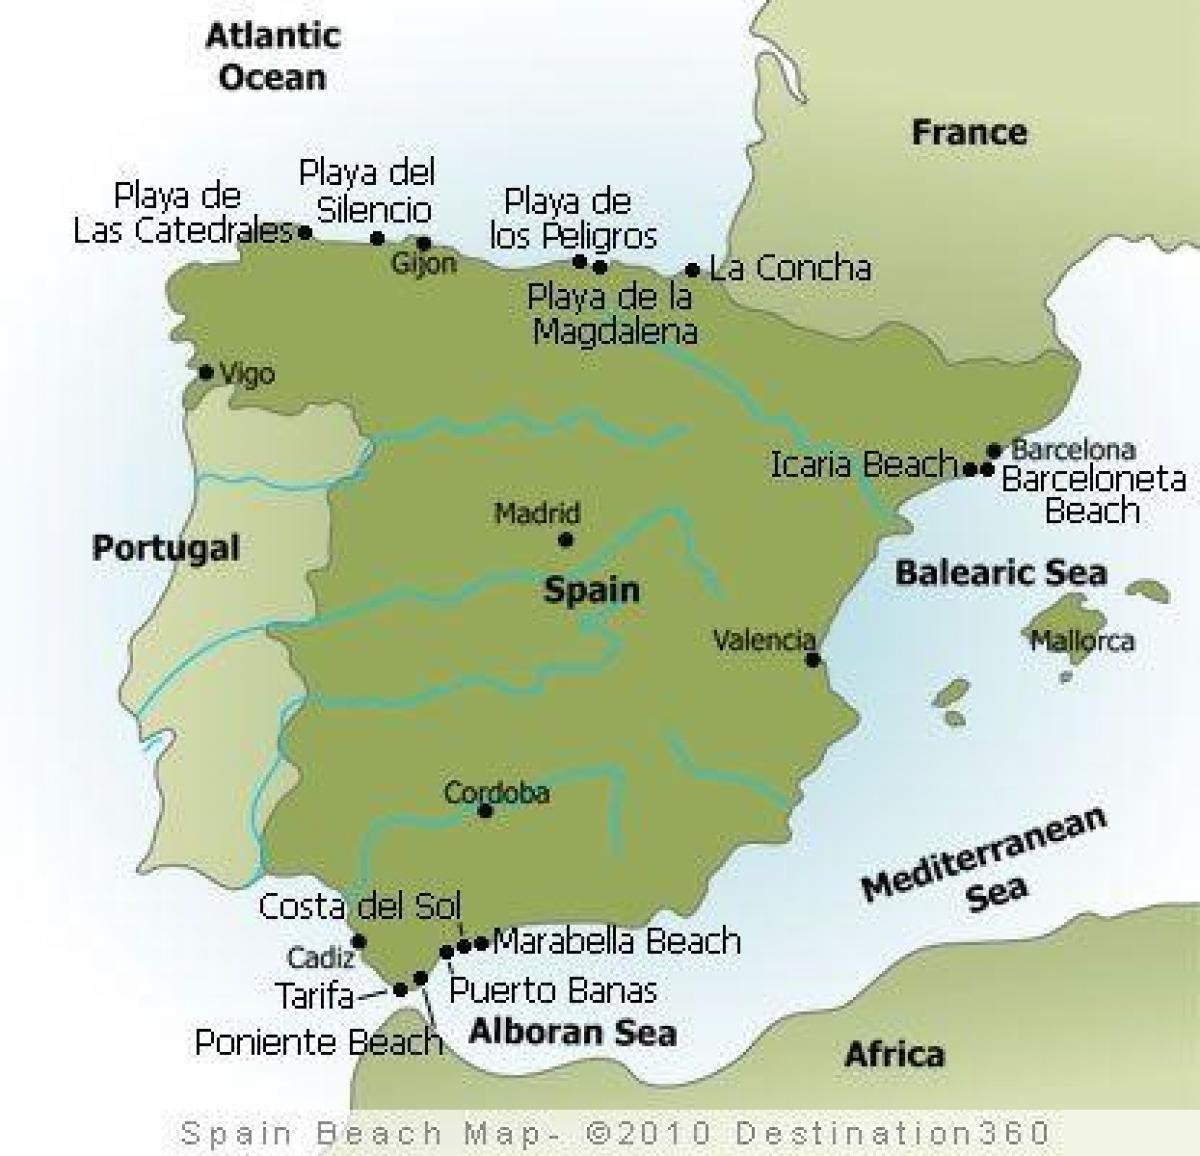 albacete espanha mapa Espanha praia do mapa de resorts de Praia na Espanha mapa (Sul da  albacete espanha mapa